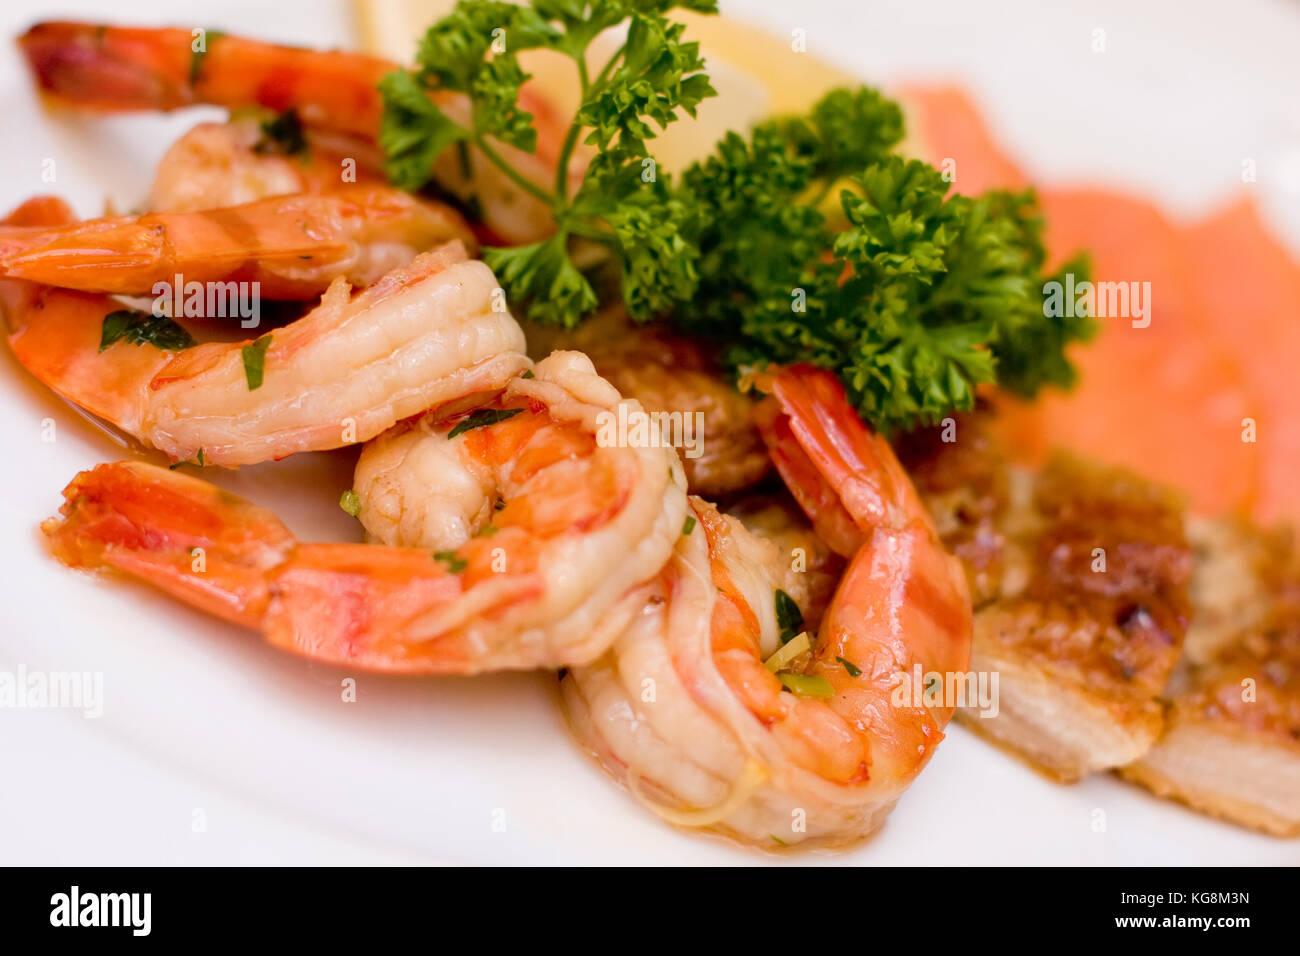 Marinated Shrimp Smoked Eel Chum Salmon On White Plate Background Stock Photo Alamy